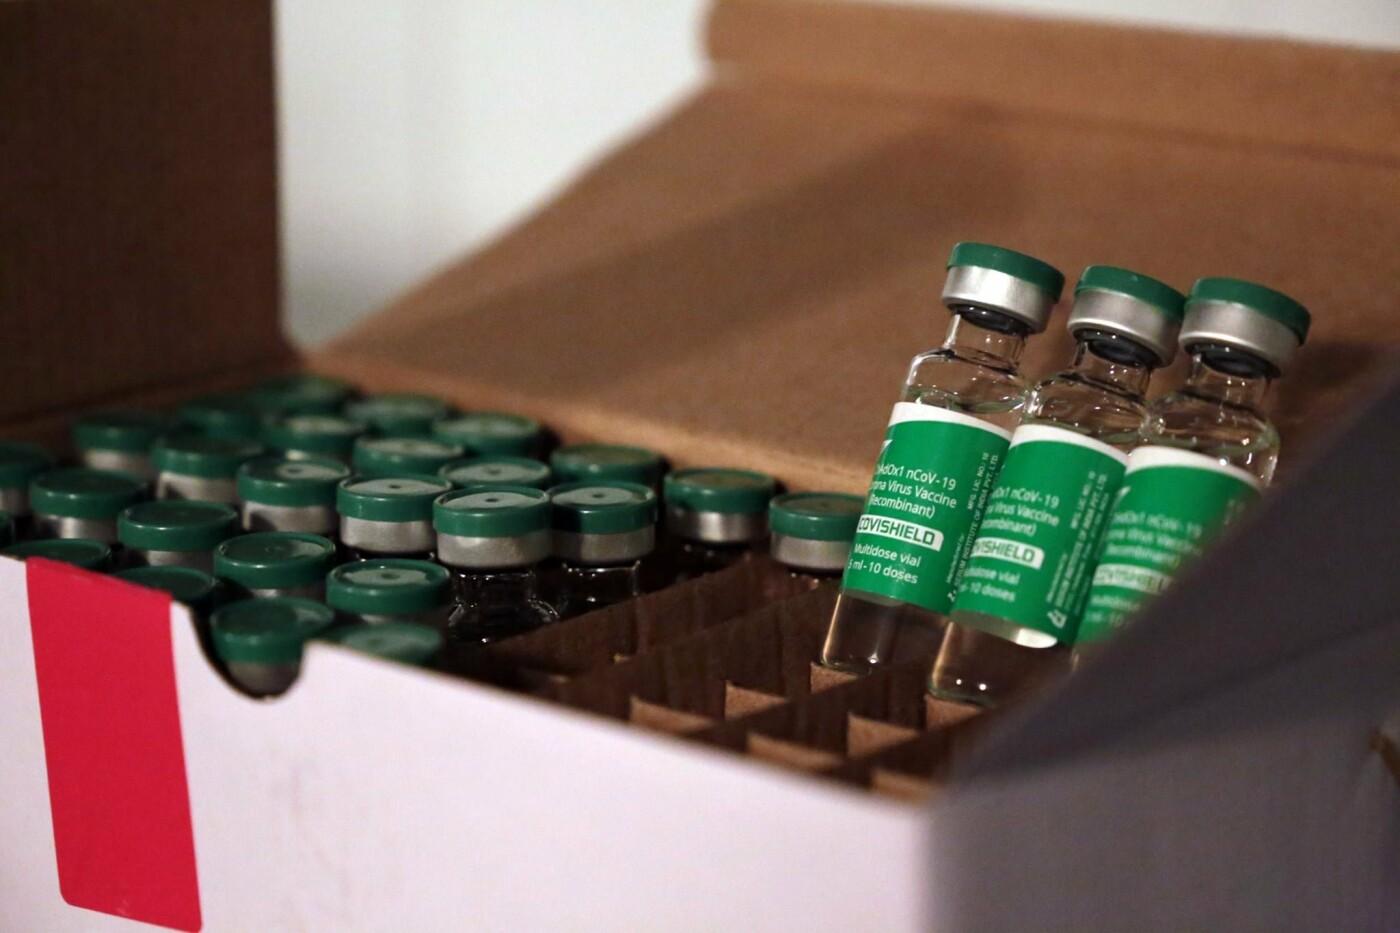 Луганская область получила первую партию вакцин от коронавируса: первыми будут прививать медиков и военных, фото-2